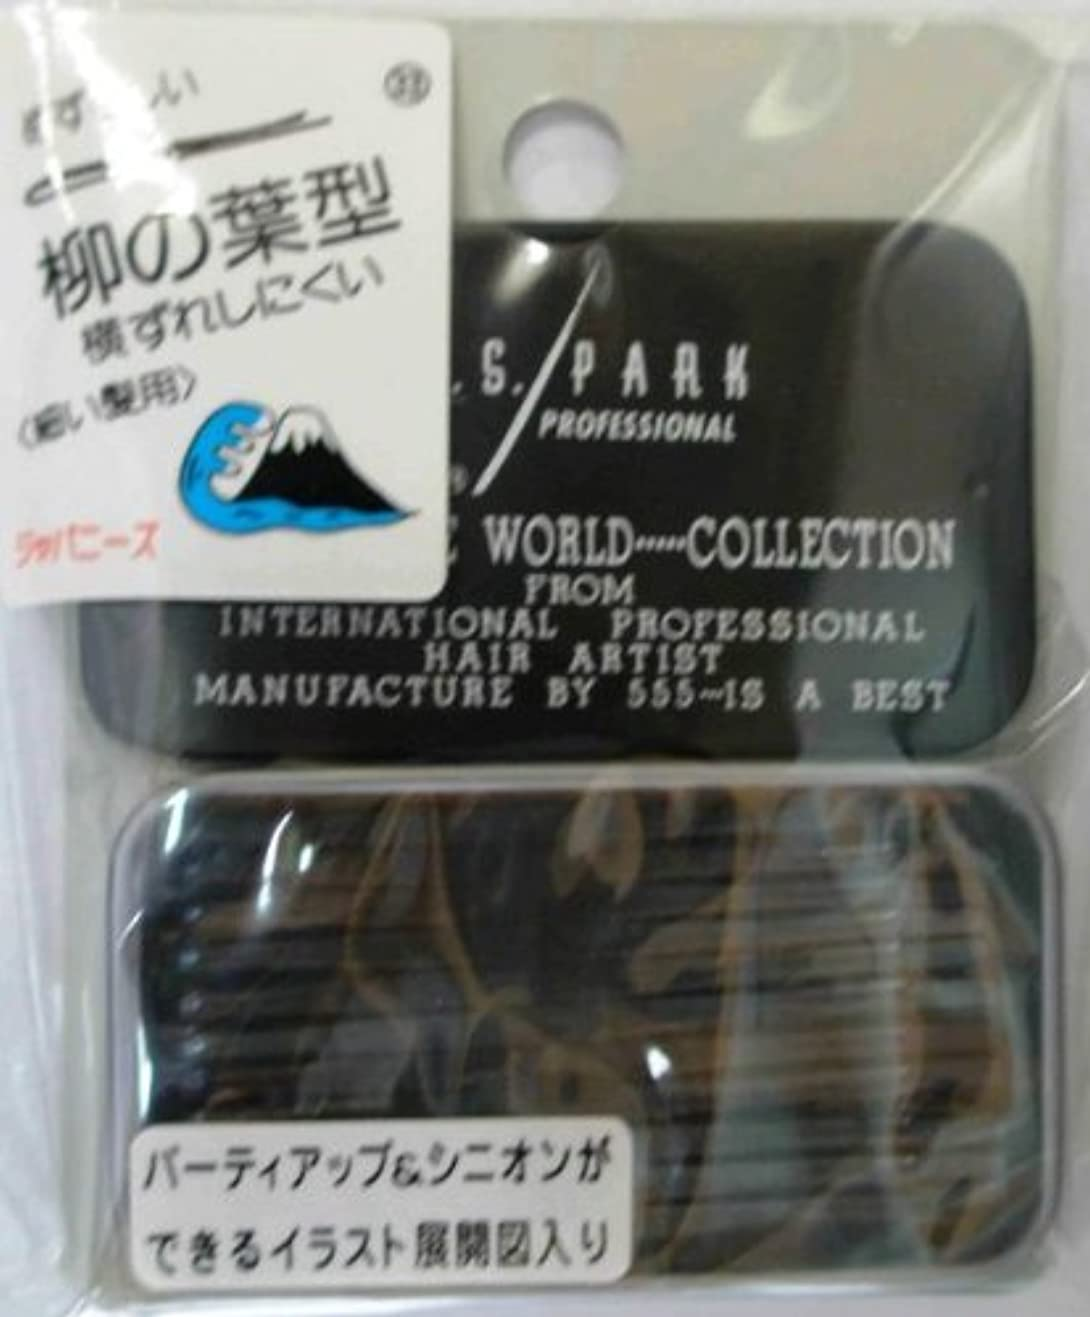 パラダイス機械的に送ったY.S.PARK世界のヘアピンコレクションNo.33(細い髪用)ジャパニーズ32P